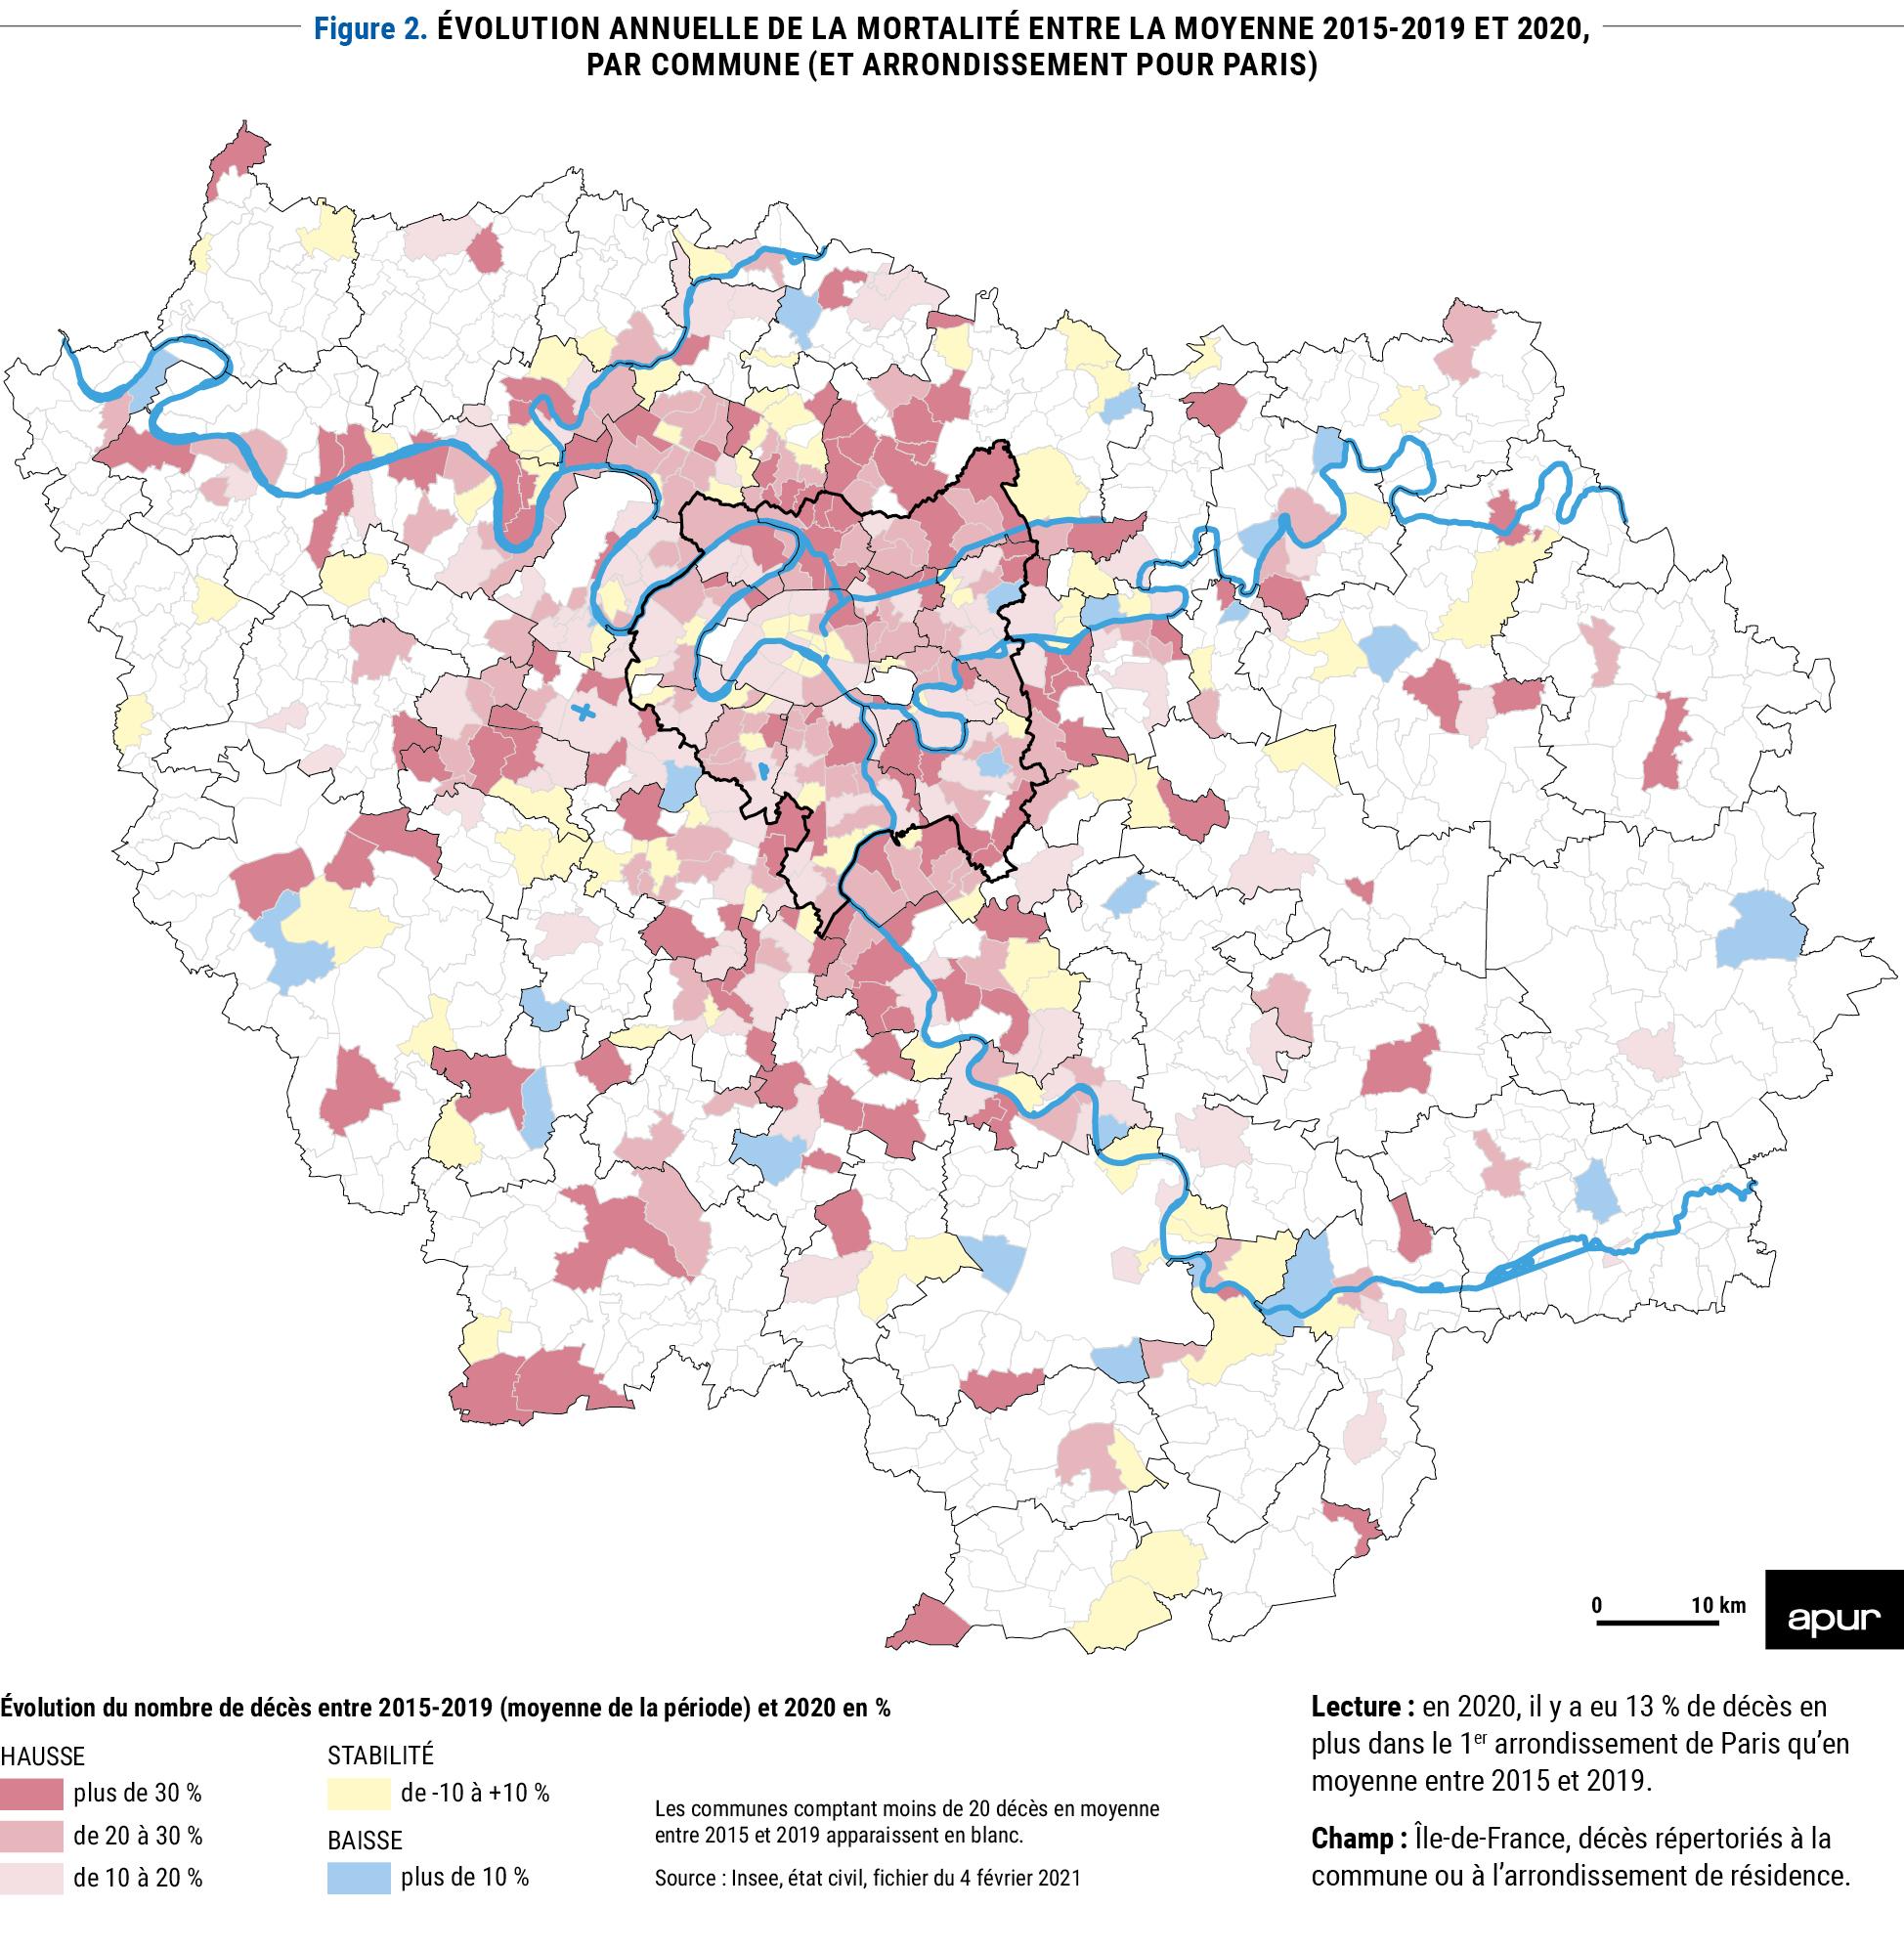 Figure 2 : évolution annuelle de la mortalité entre la moyenne 2015-2019 et 2020, par commune (et arrondissement pour Paris) © Apur